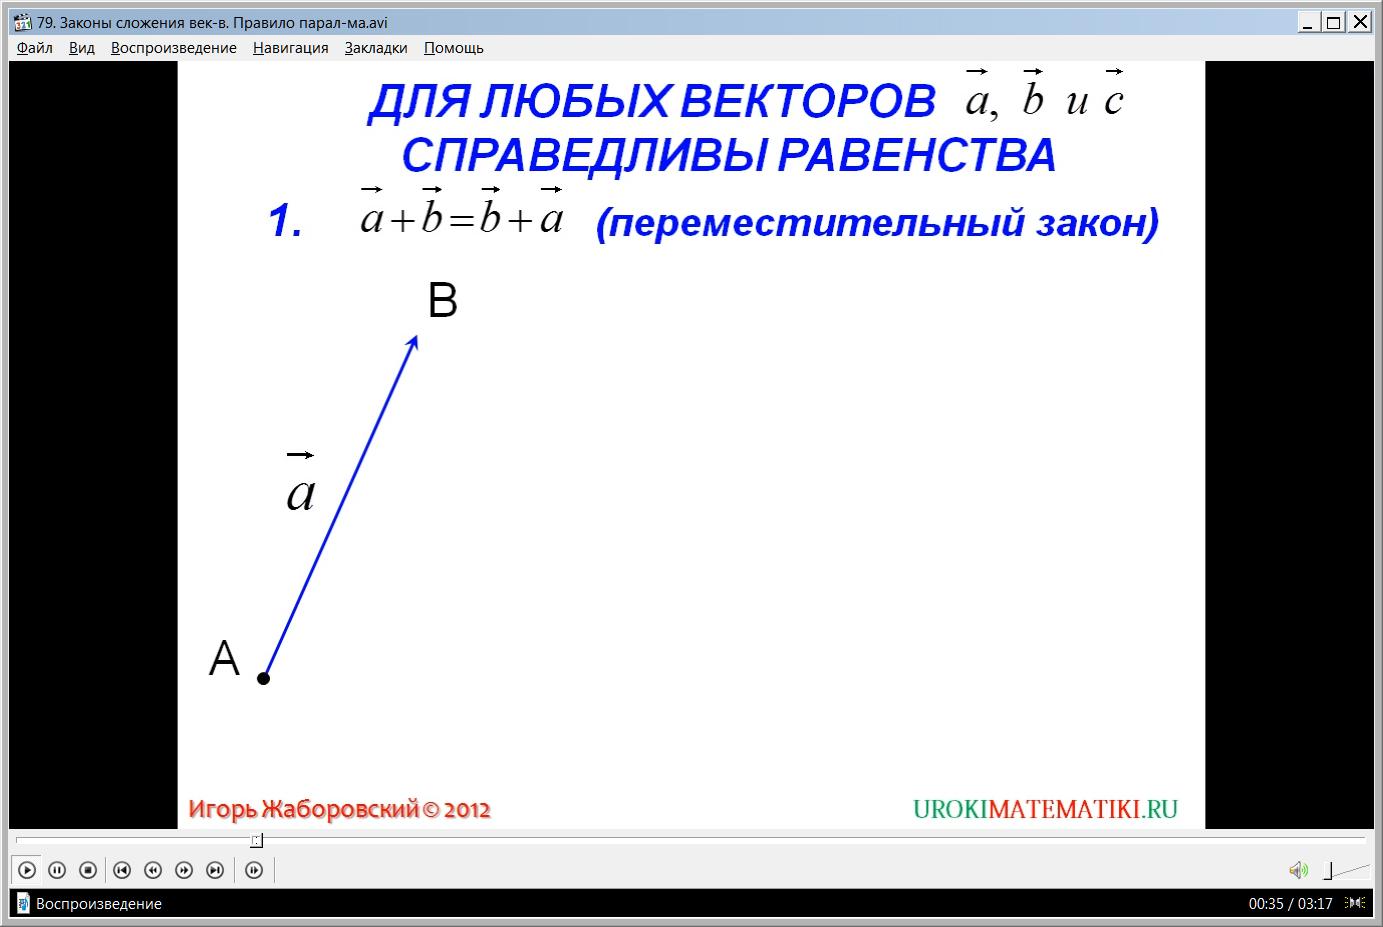 """Урок """"Законы сложения векторов. Правило параллелограмма"""""""